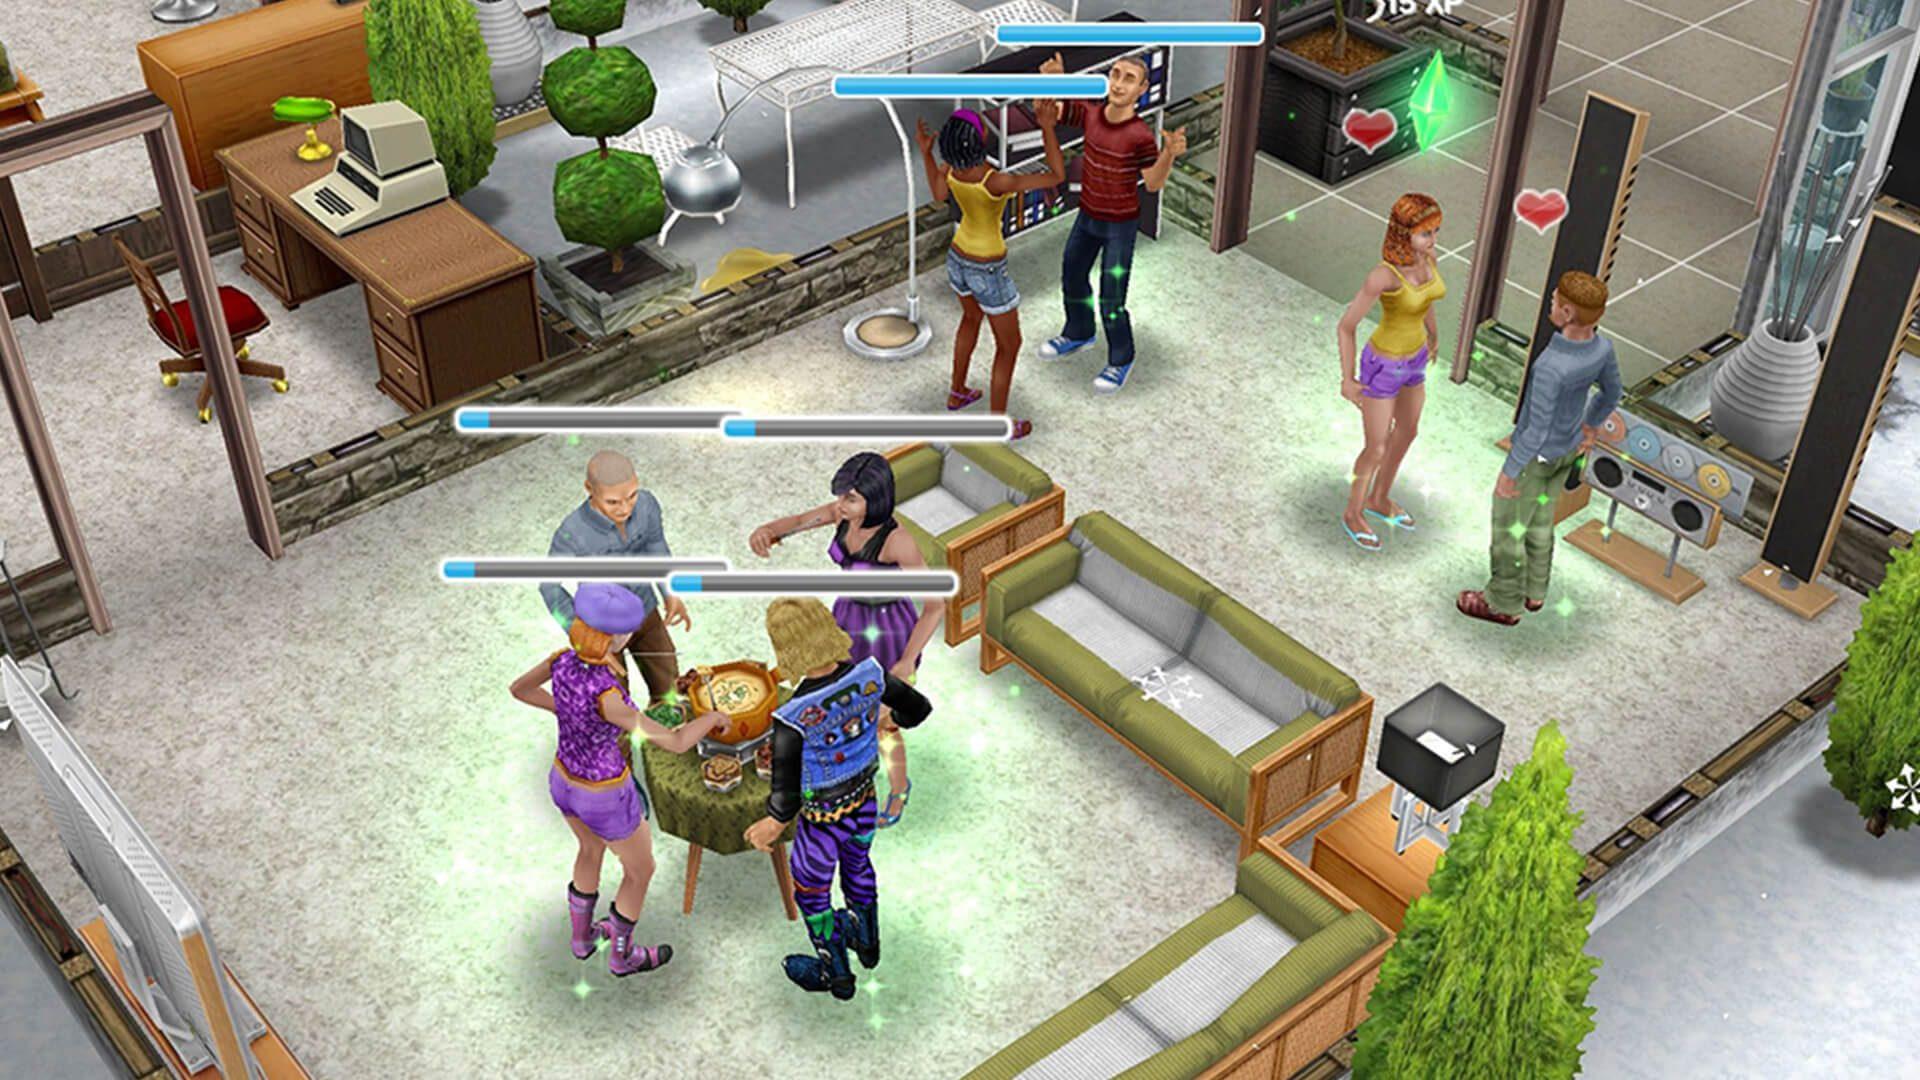 The Sims Freeplay tvoria datovania vzťah